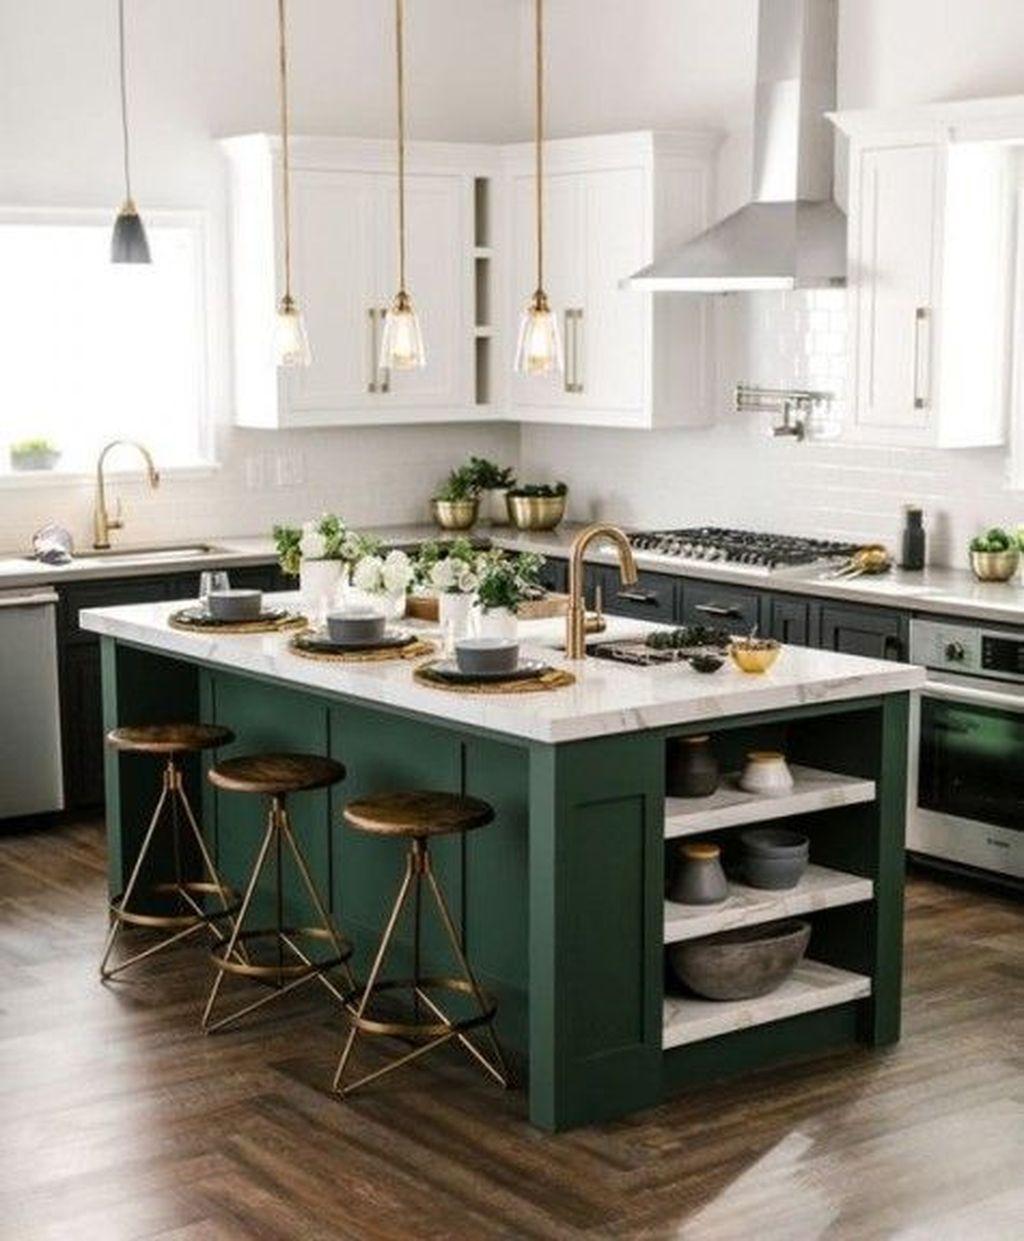 9 Stunning Green Kitchen Design Ideas   Interior design kitchen ...